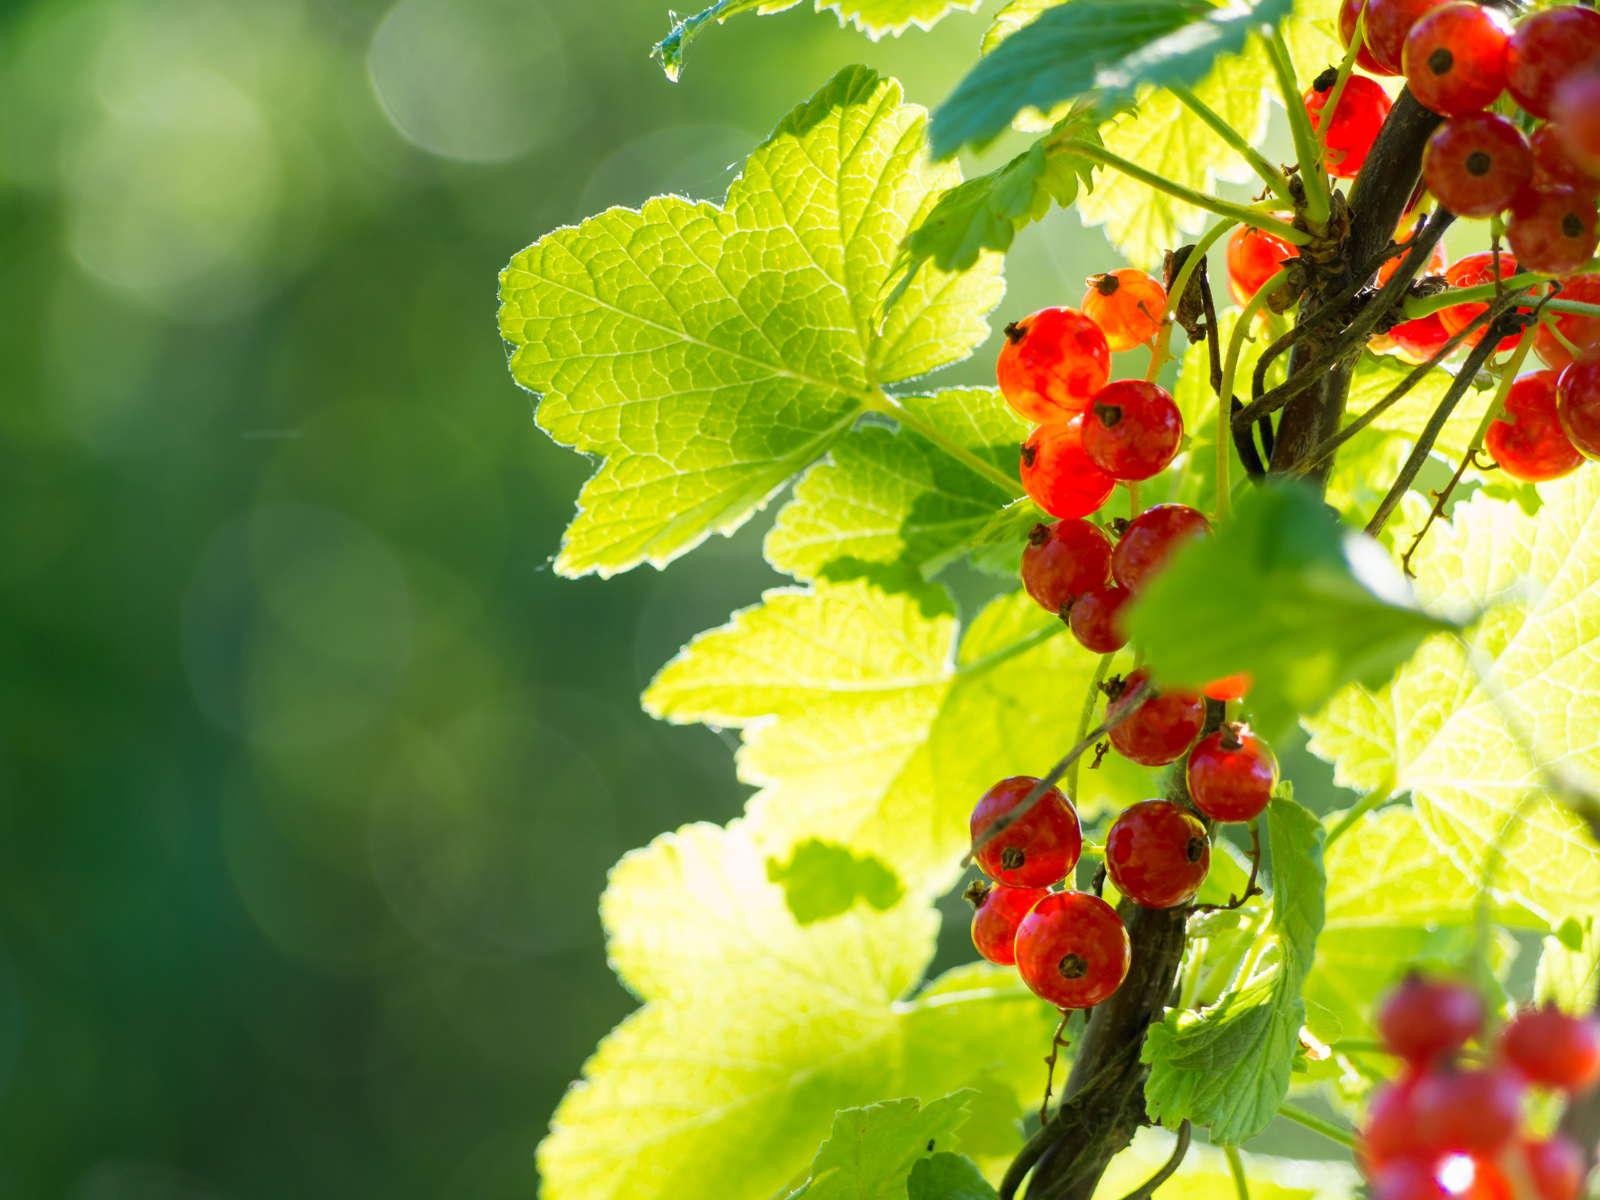 Außergewöhnlich Johannisbeeren pflanzen: Standort, Zeitpunkt & Anleitung - Plantura @MV_62